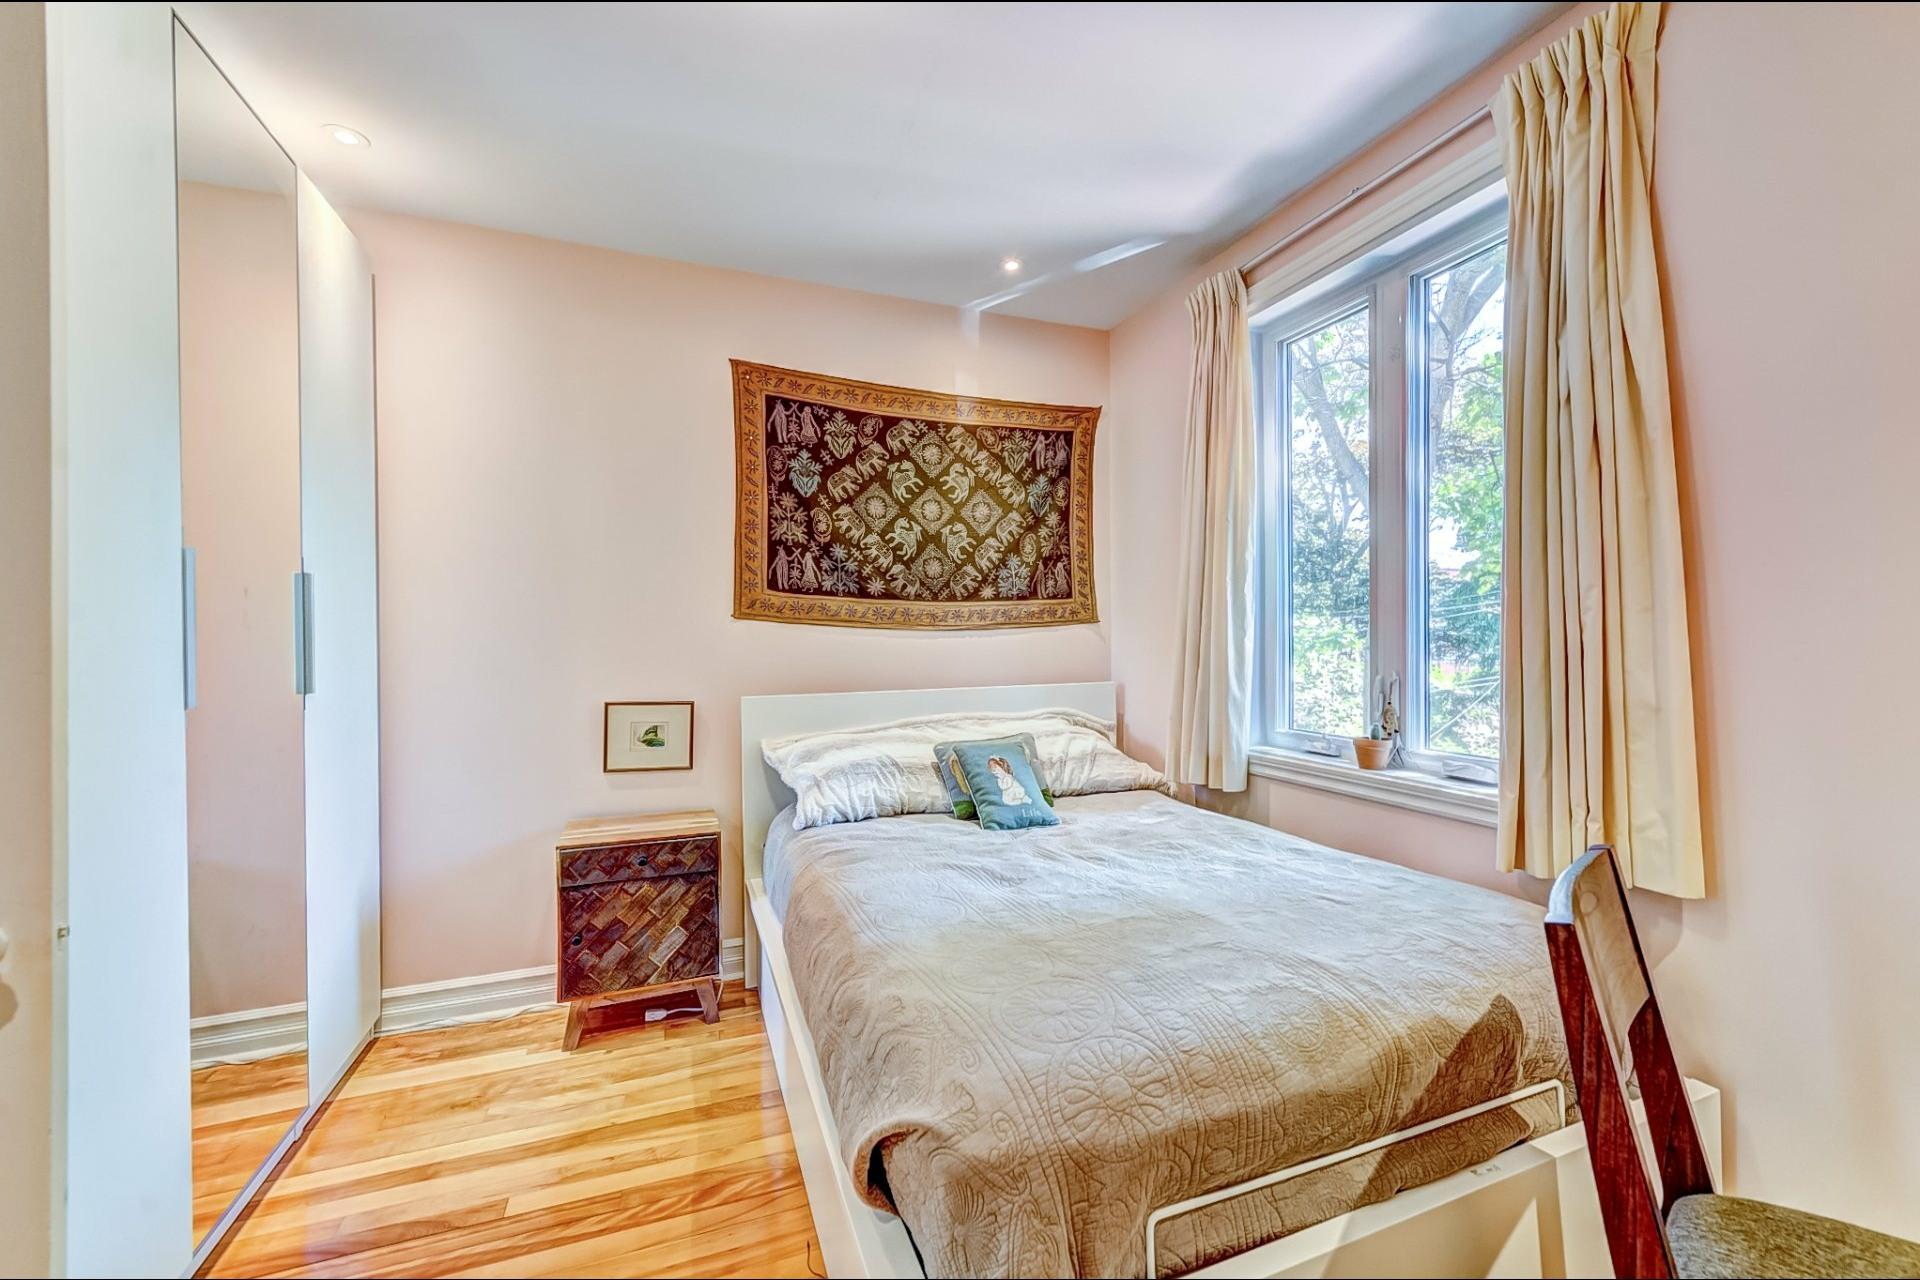 image 18 - House For sale Côte-des-Neiges/Notre-Dame-de-Grâce Montréal  - 7 rooms